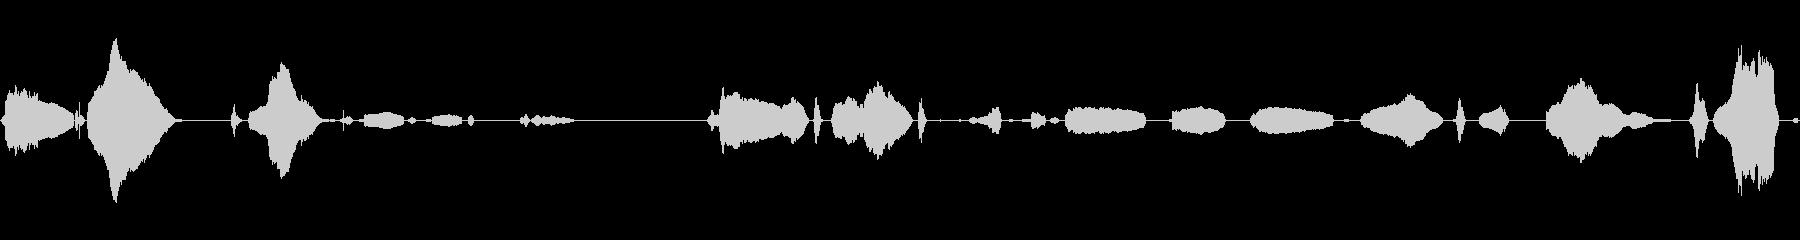 あかちゃん(生後0日)の泣き声1の未再生の波形